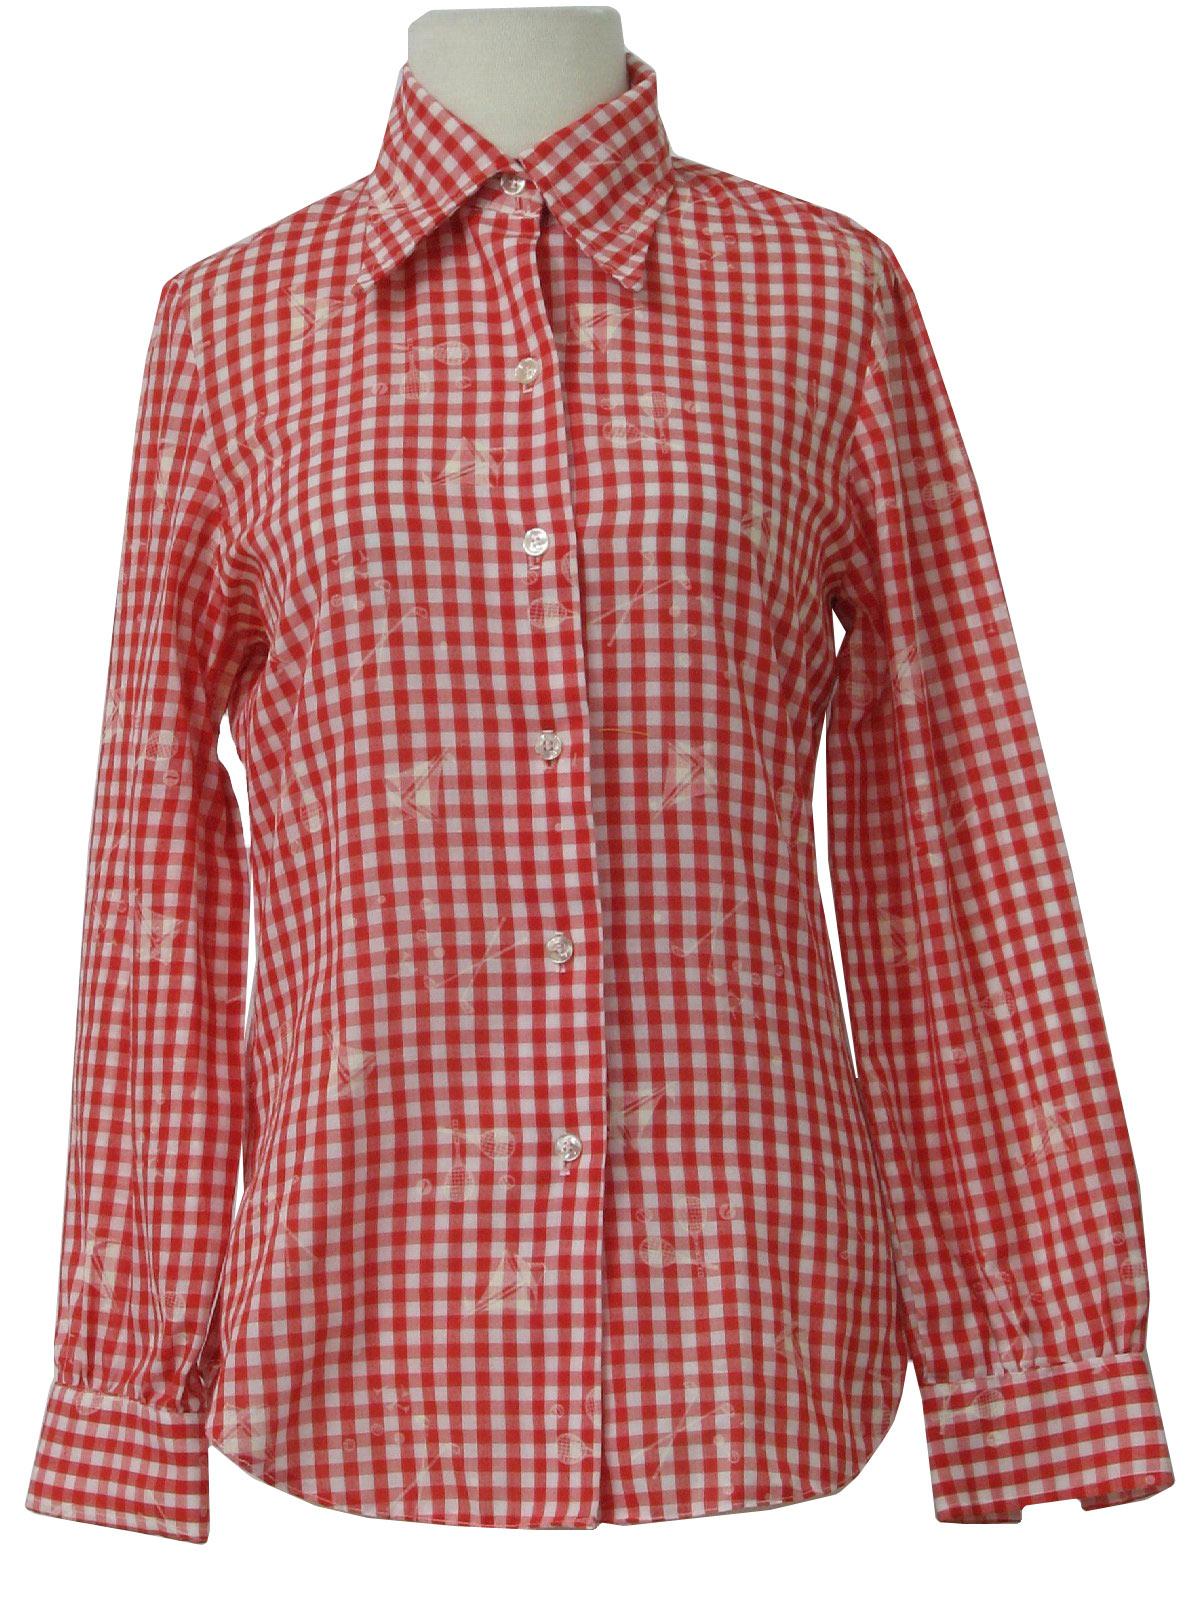 48a202958f7 1960's KayMaker Womens Sailing Shirt